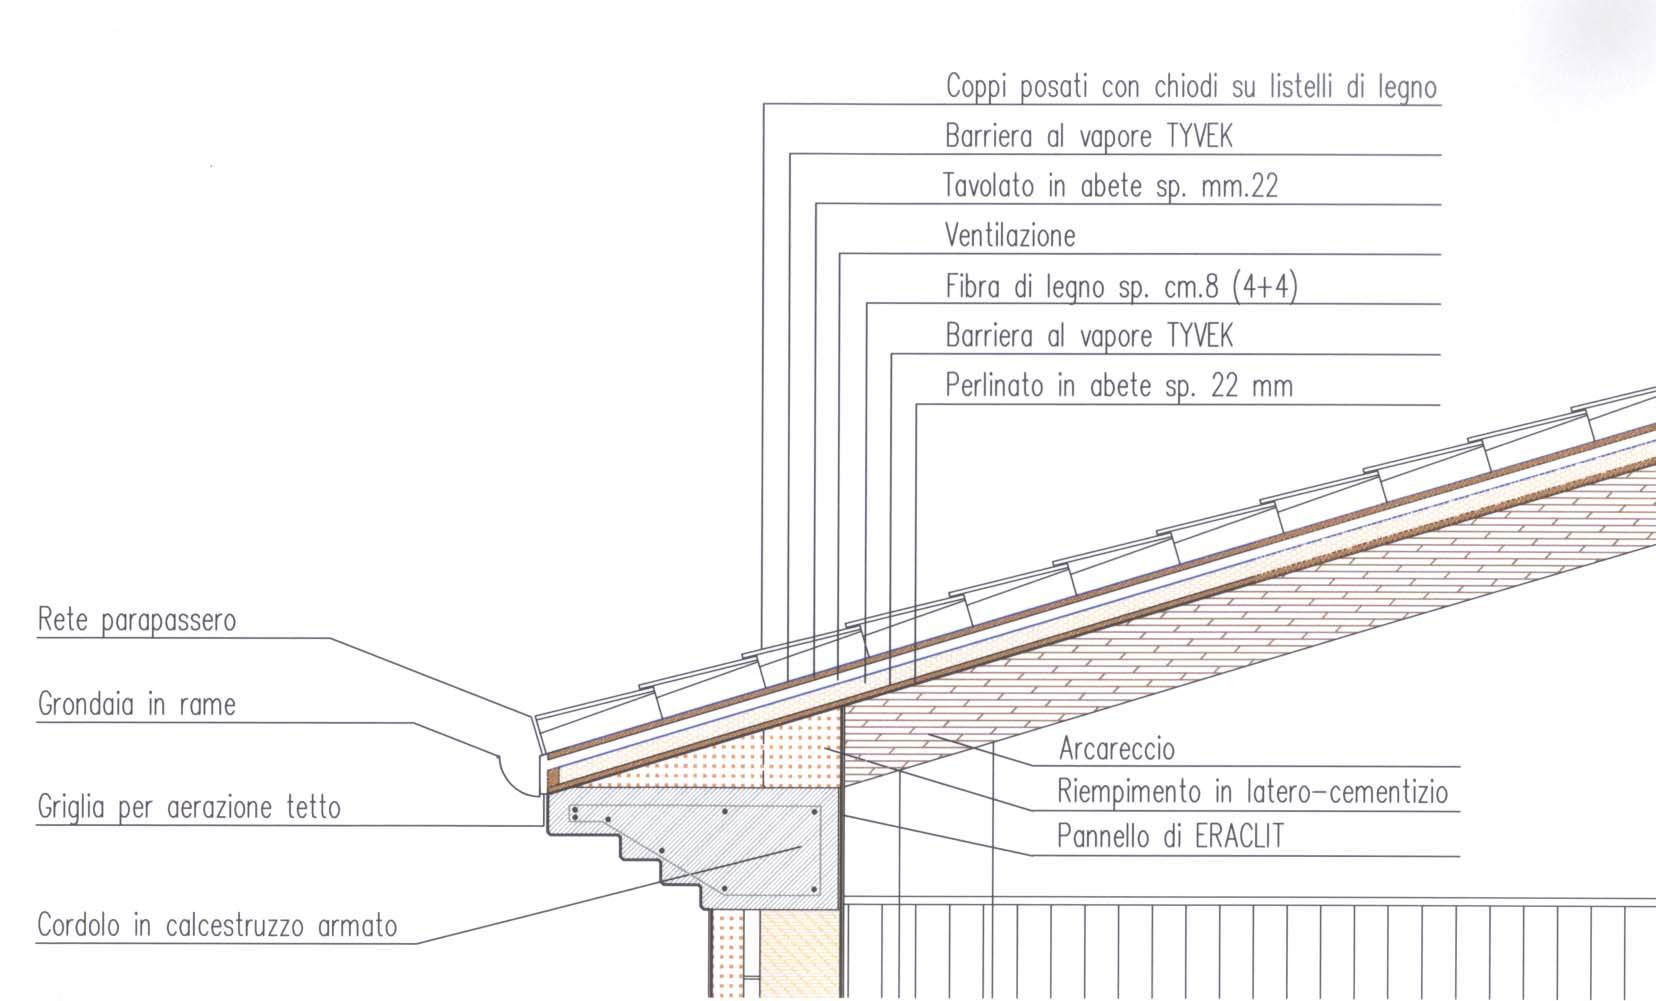 Tetti ventilati particolari costruttivi for Sezione tetto in legno dwg